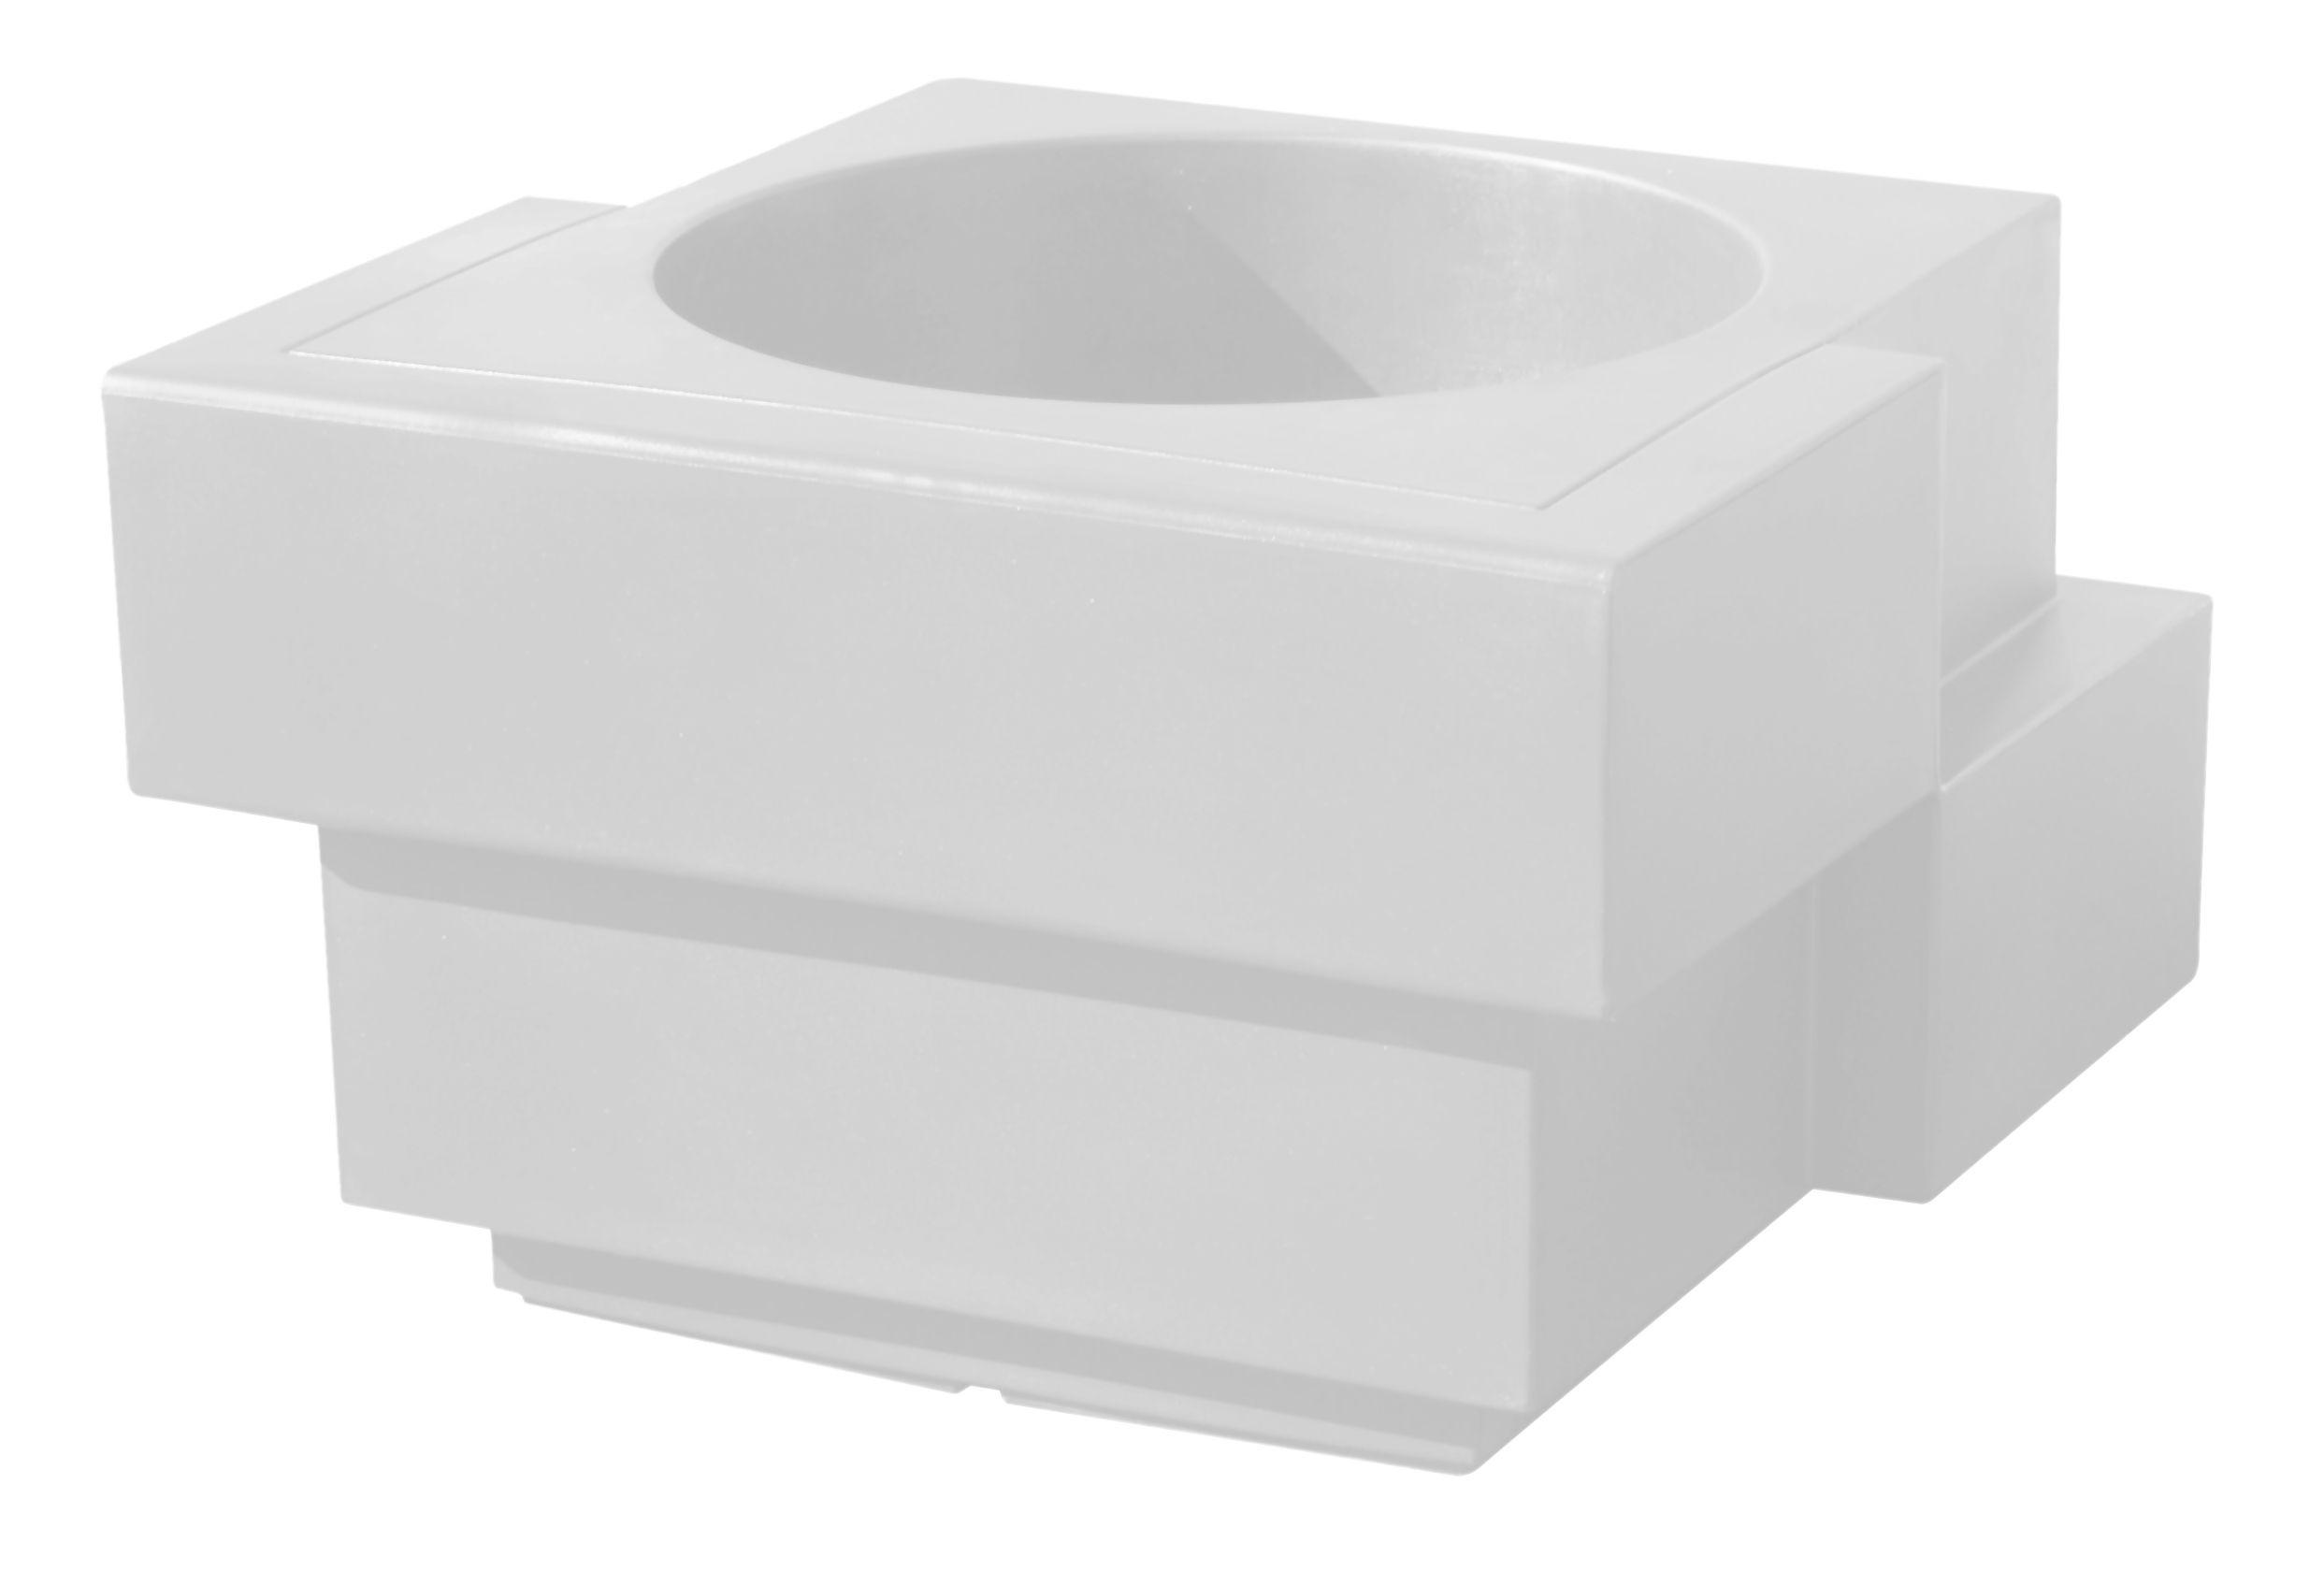 Arredamento - Mobili luminosi - Vaso per fiori luminoso Cubic Yo Lumineux di Slide - Bianco - Polietilene